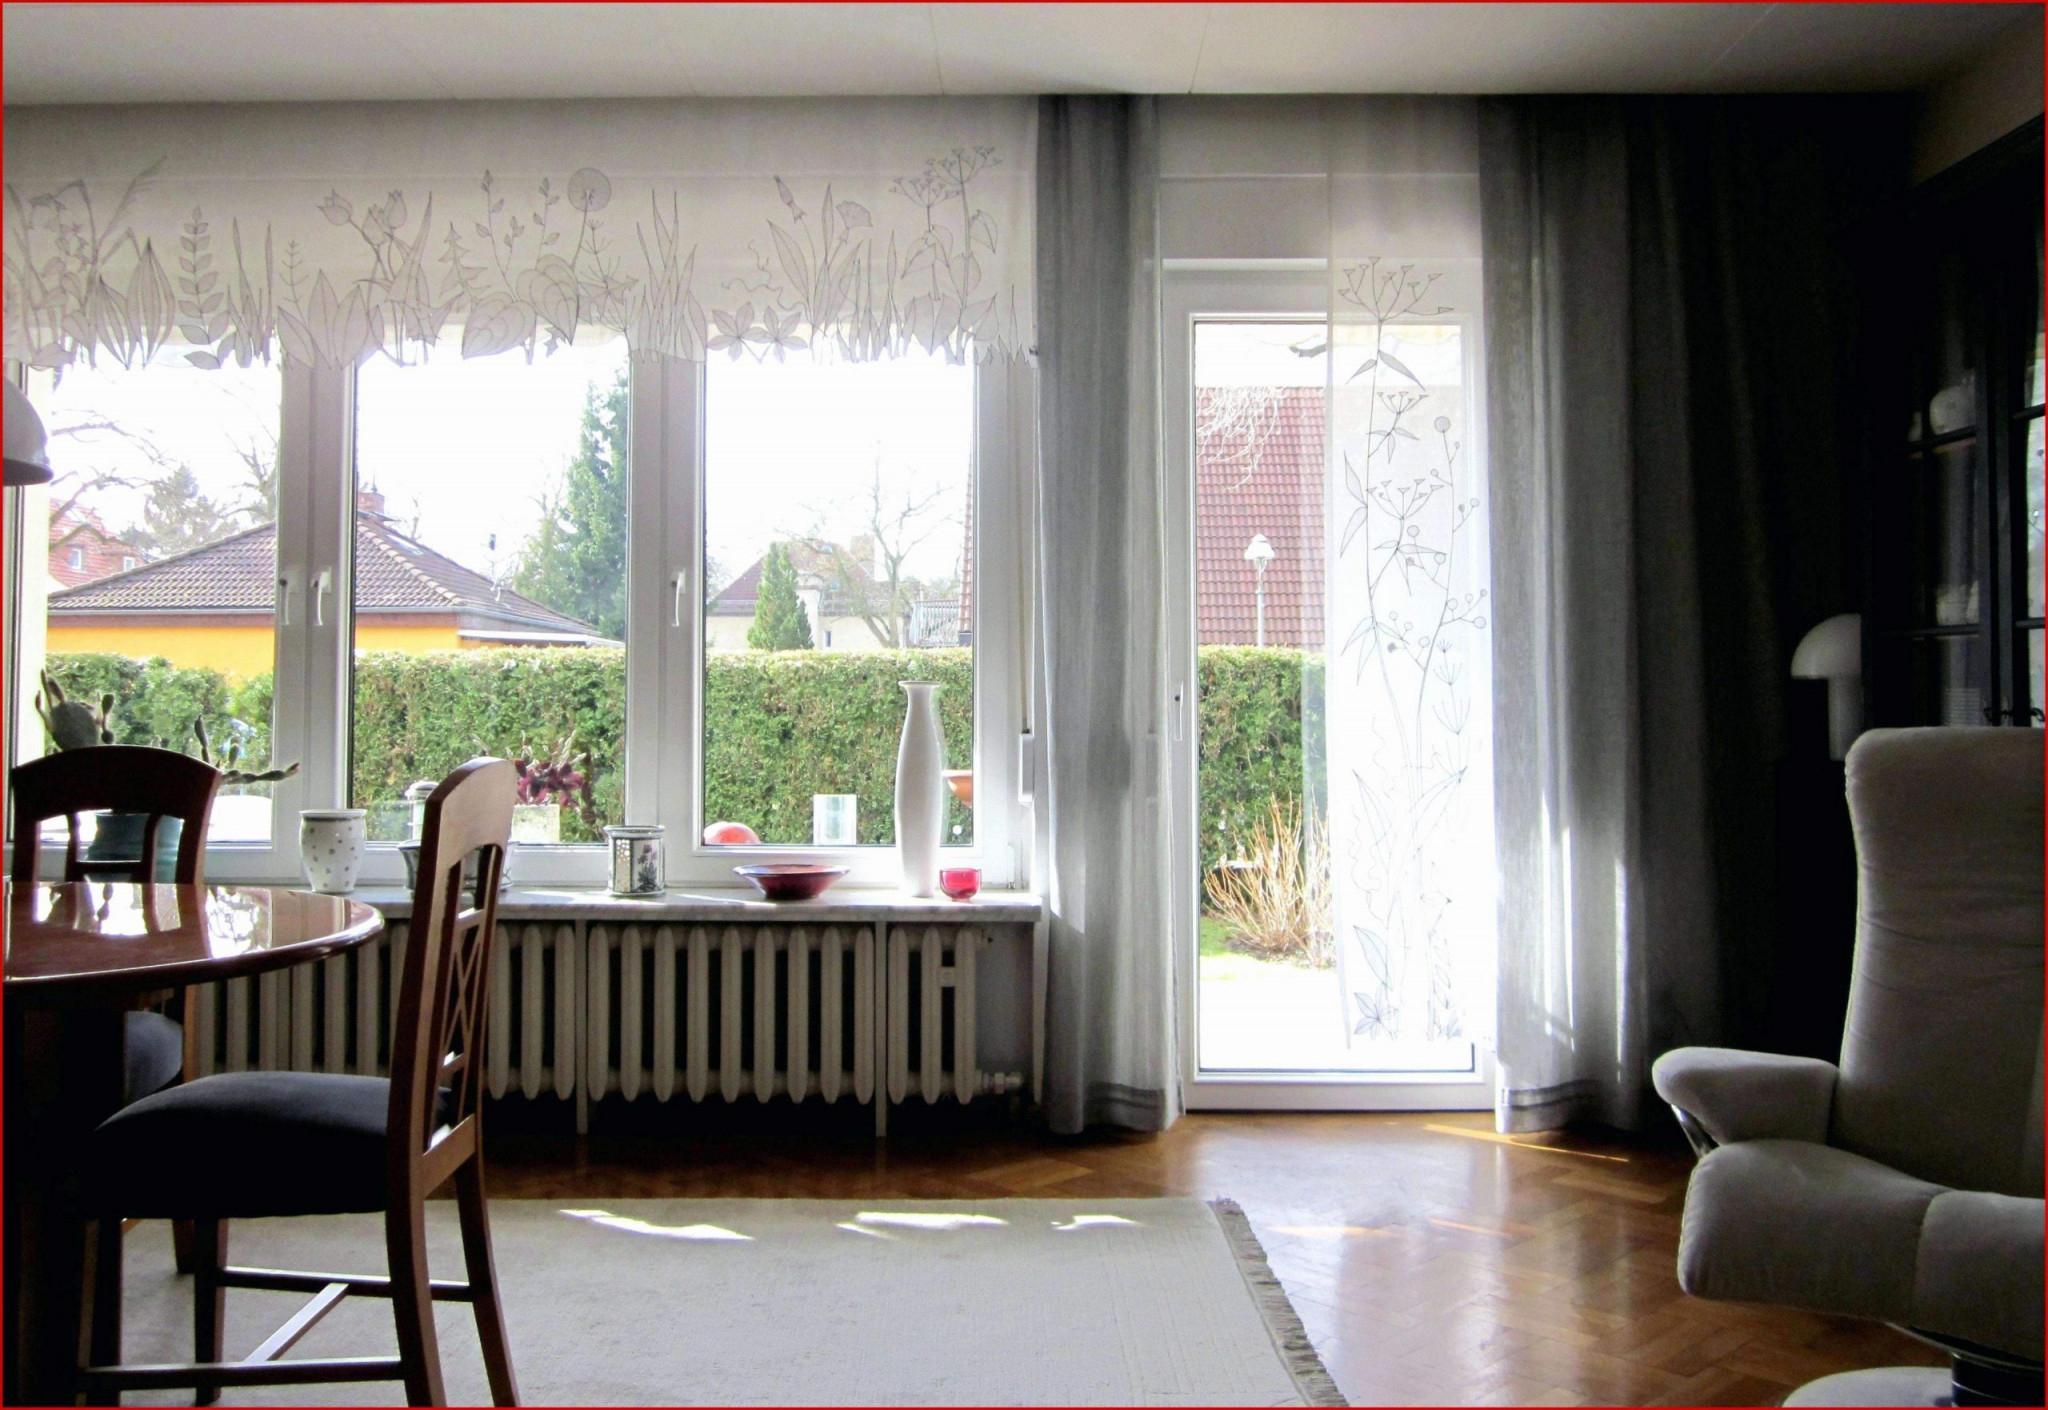 Gardinen Modelle Für Wohnzimmer Schön Schön Gardinen Für von Gardinen Modelle Für Wohnzimmer Photo